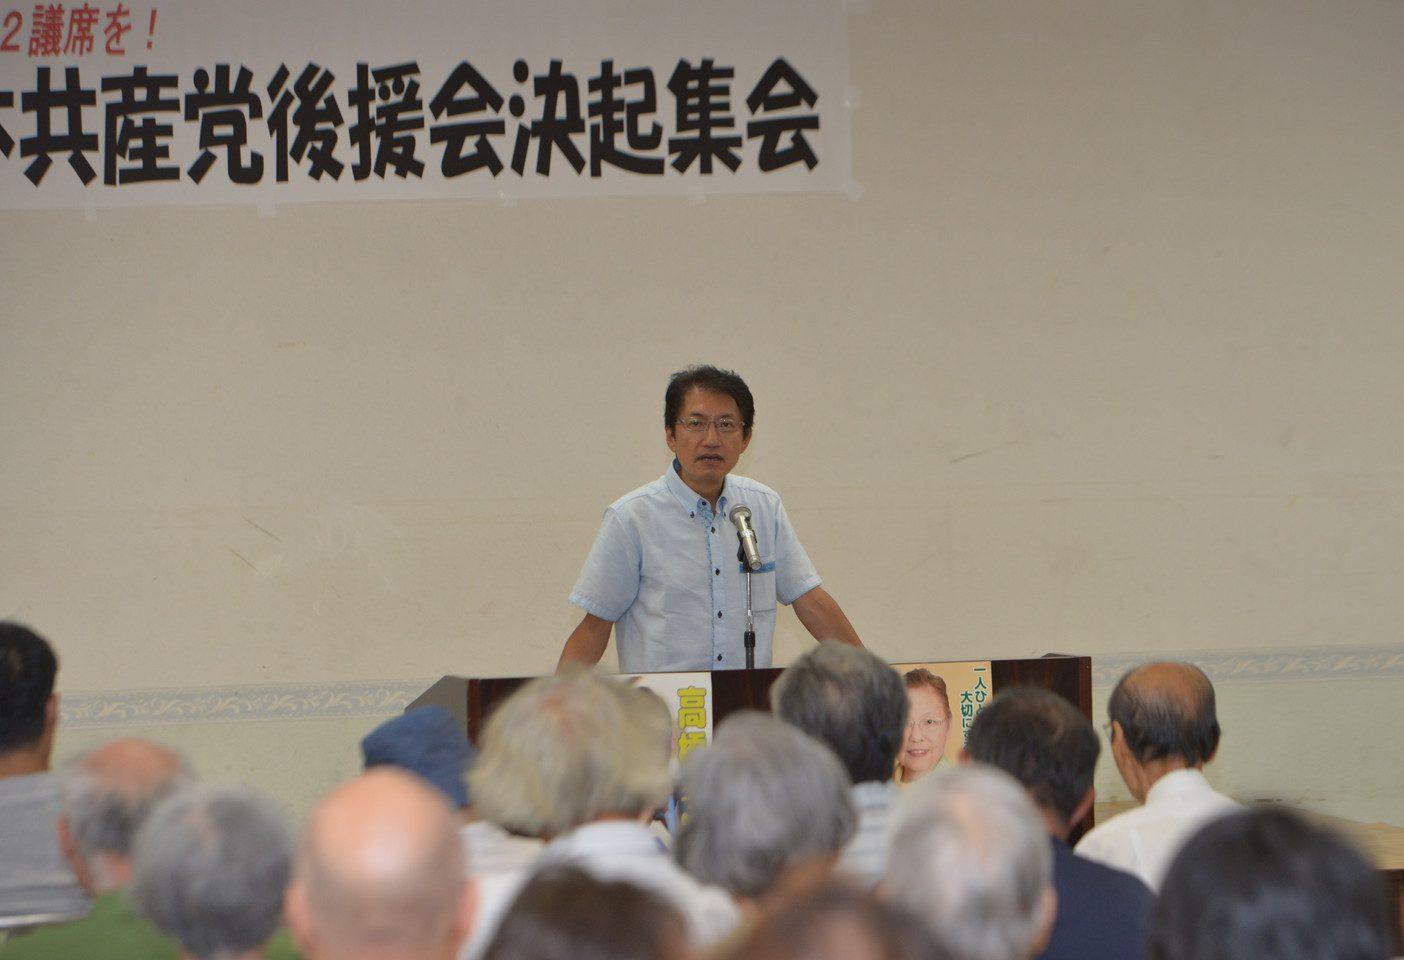 苅田町議選を前にした決起集会で国政報告する田村氏=8日、福岡県苅田町